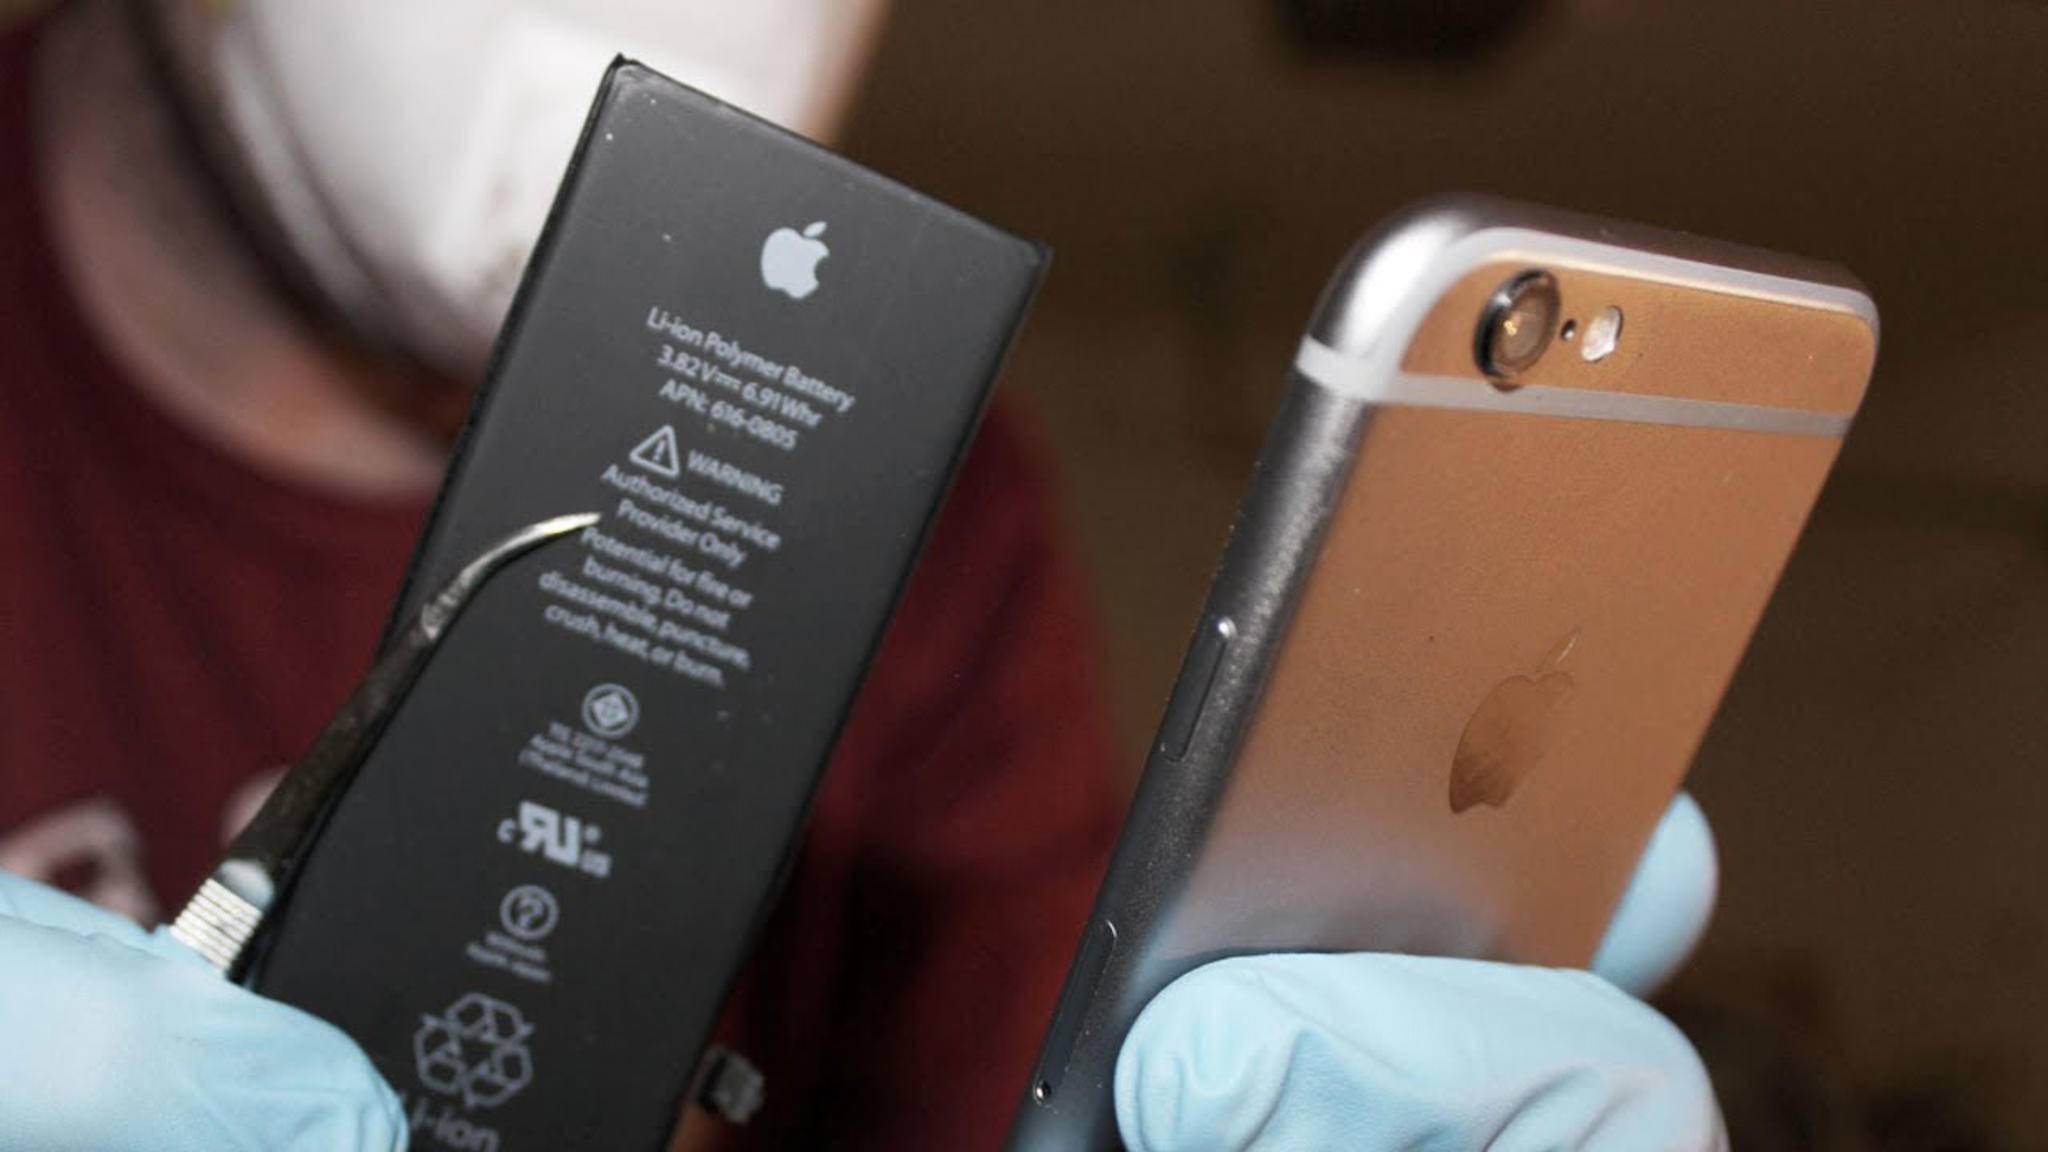 Zum Öffnen des iPhones wird spezielles Werkzeug benötigt.